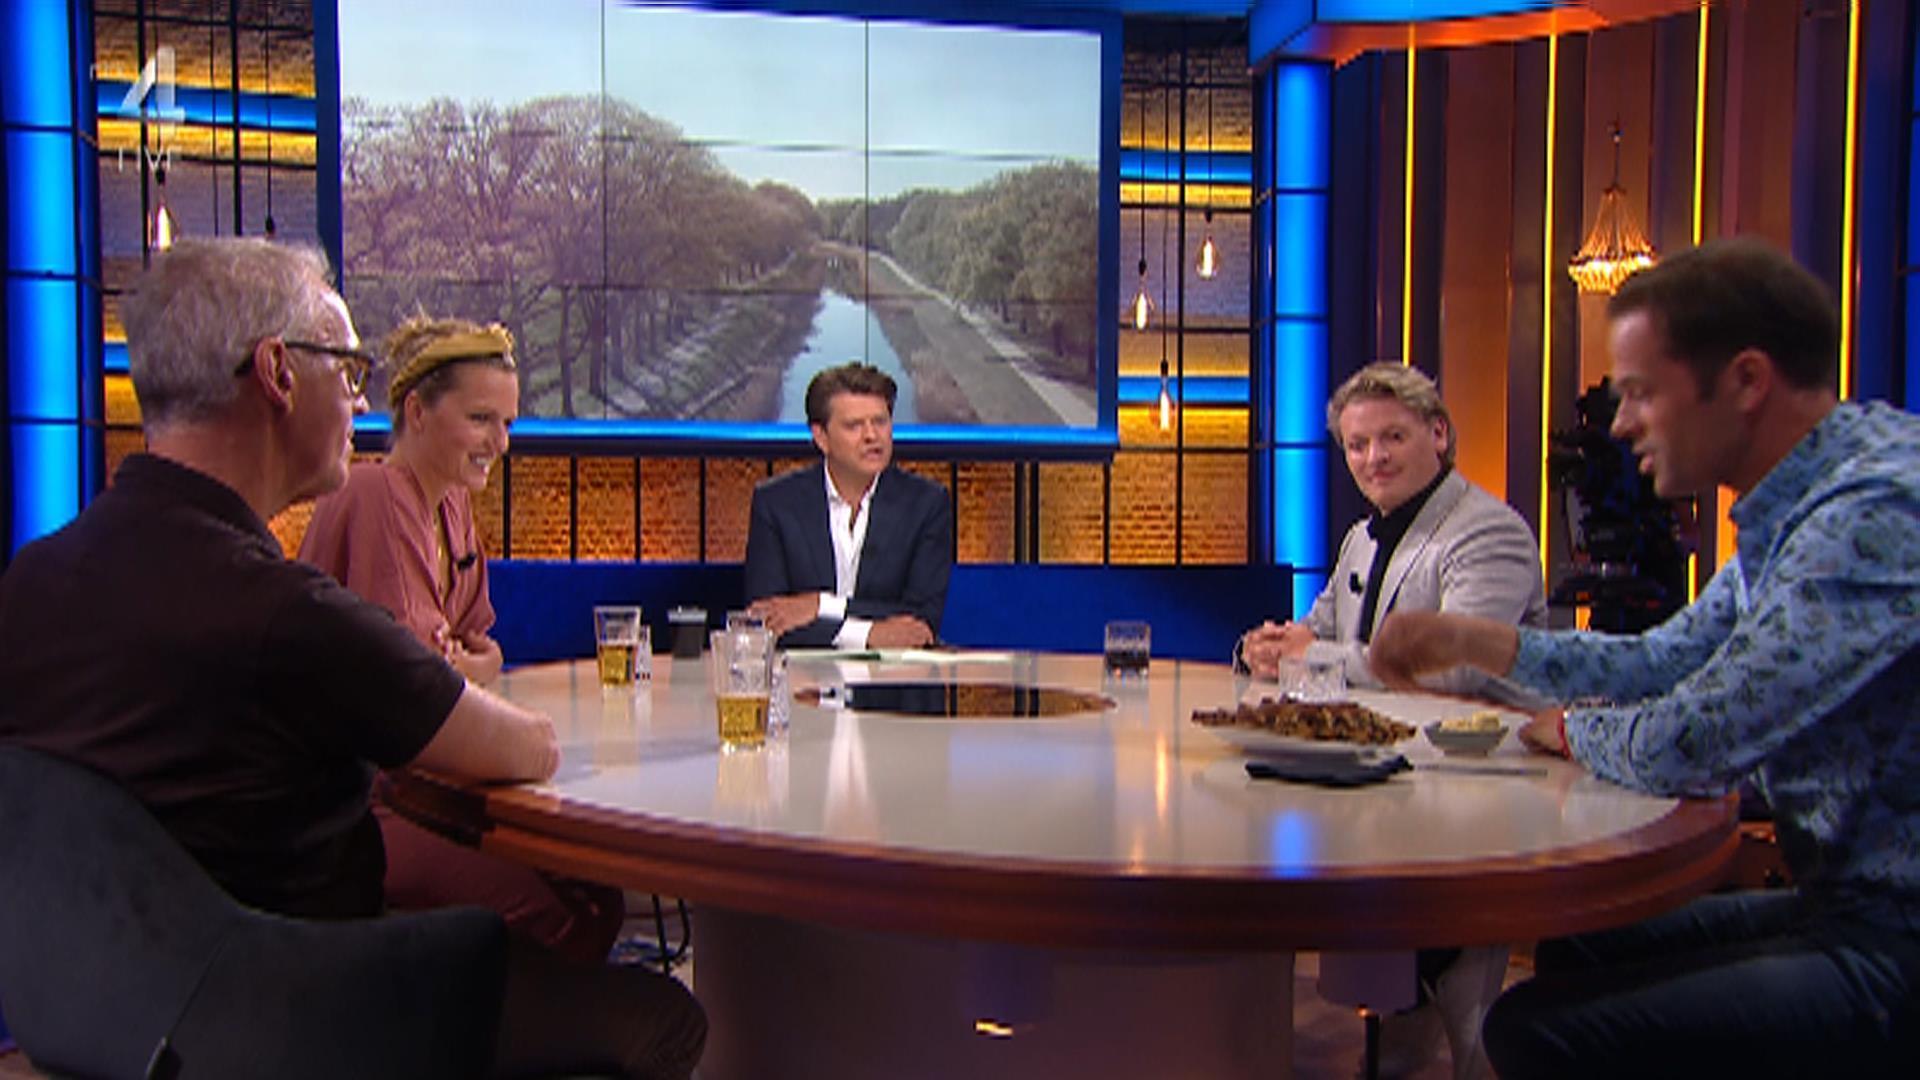 RTL4 HD 2020-05-26 22-44-49.jpg